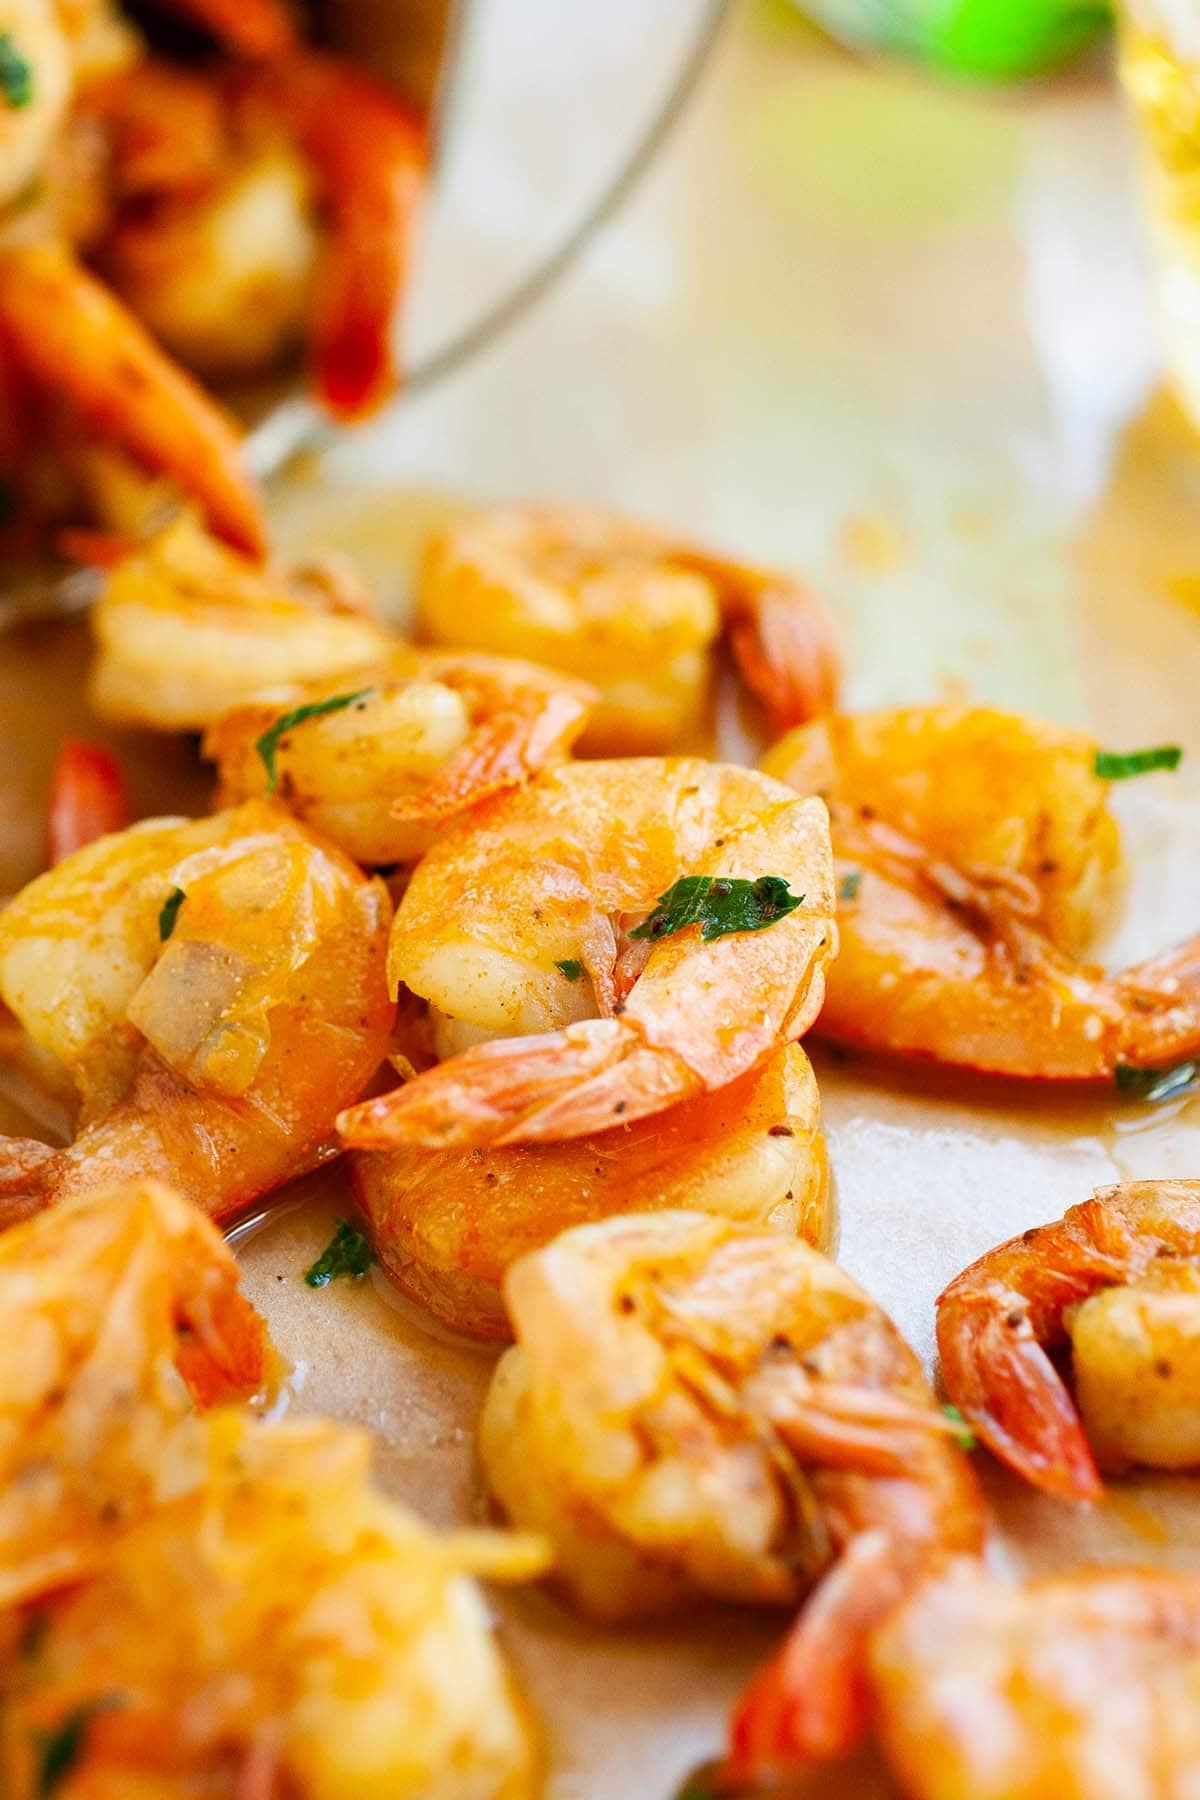 Pelez et mangez des crevettes faciles et savoureuses avec une sauce cocktail maison.